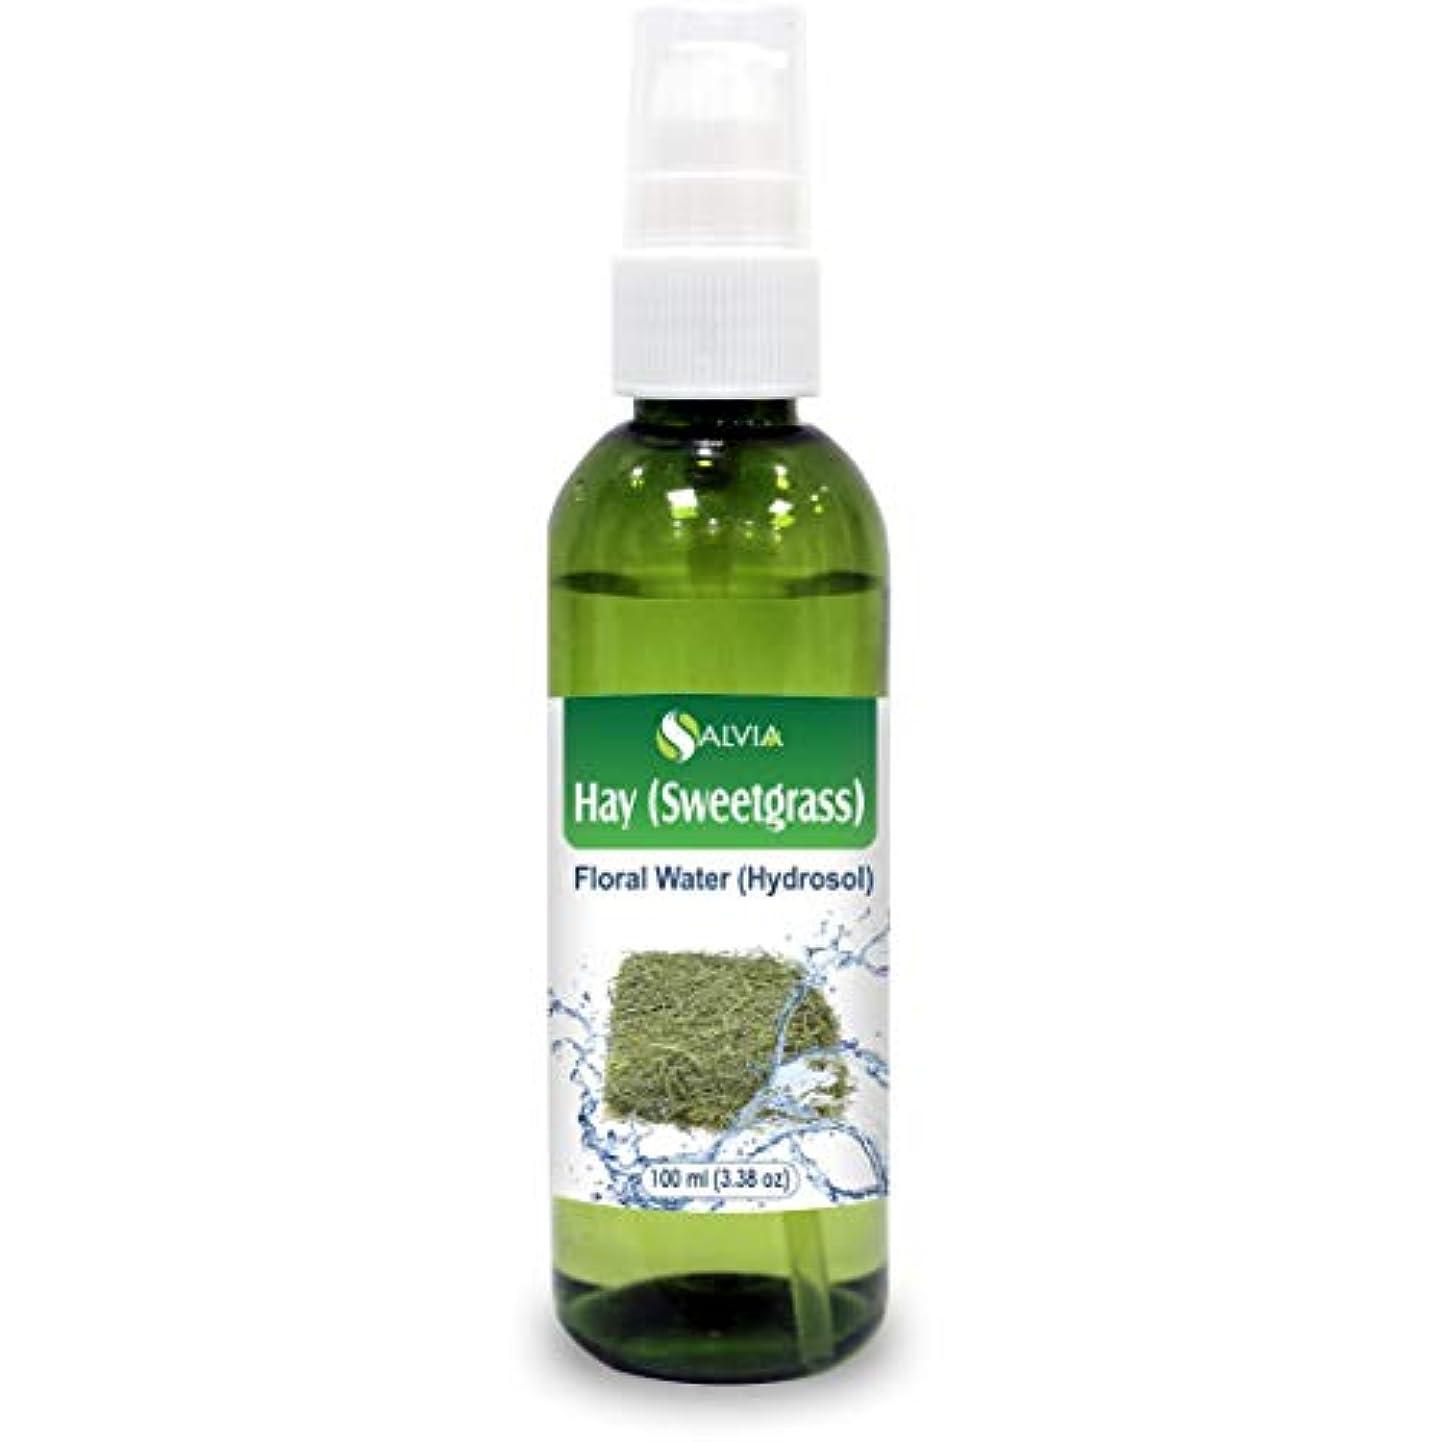 アルコールグリップ樫の木Hay (Sweetgrass) Floral Water 100ml (Hydrosol) 100% Pure And Natural